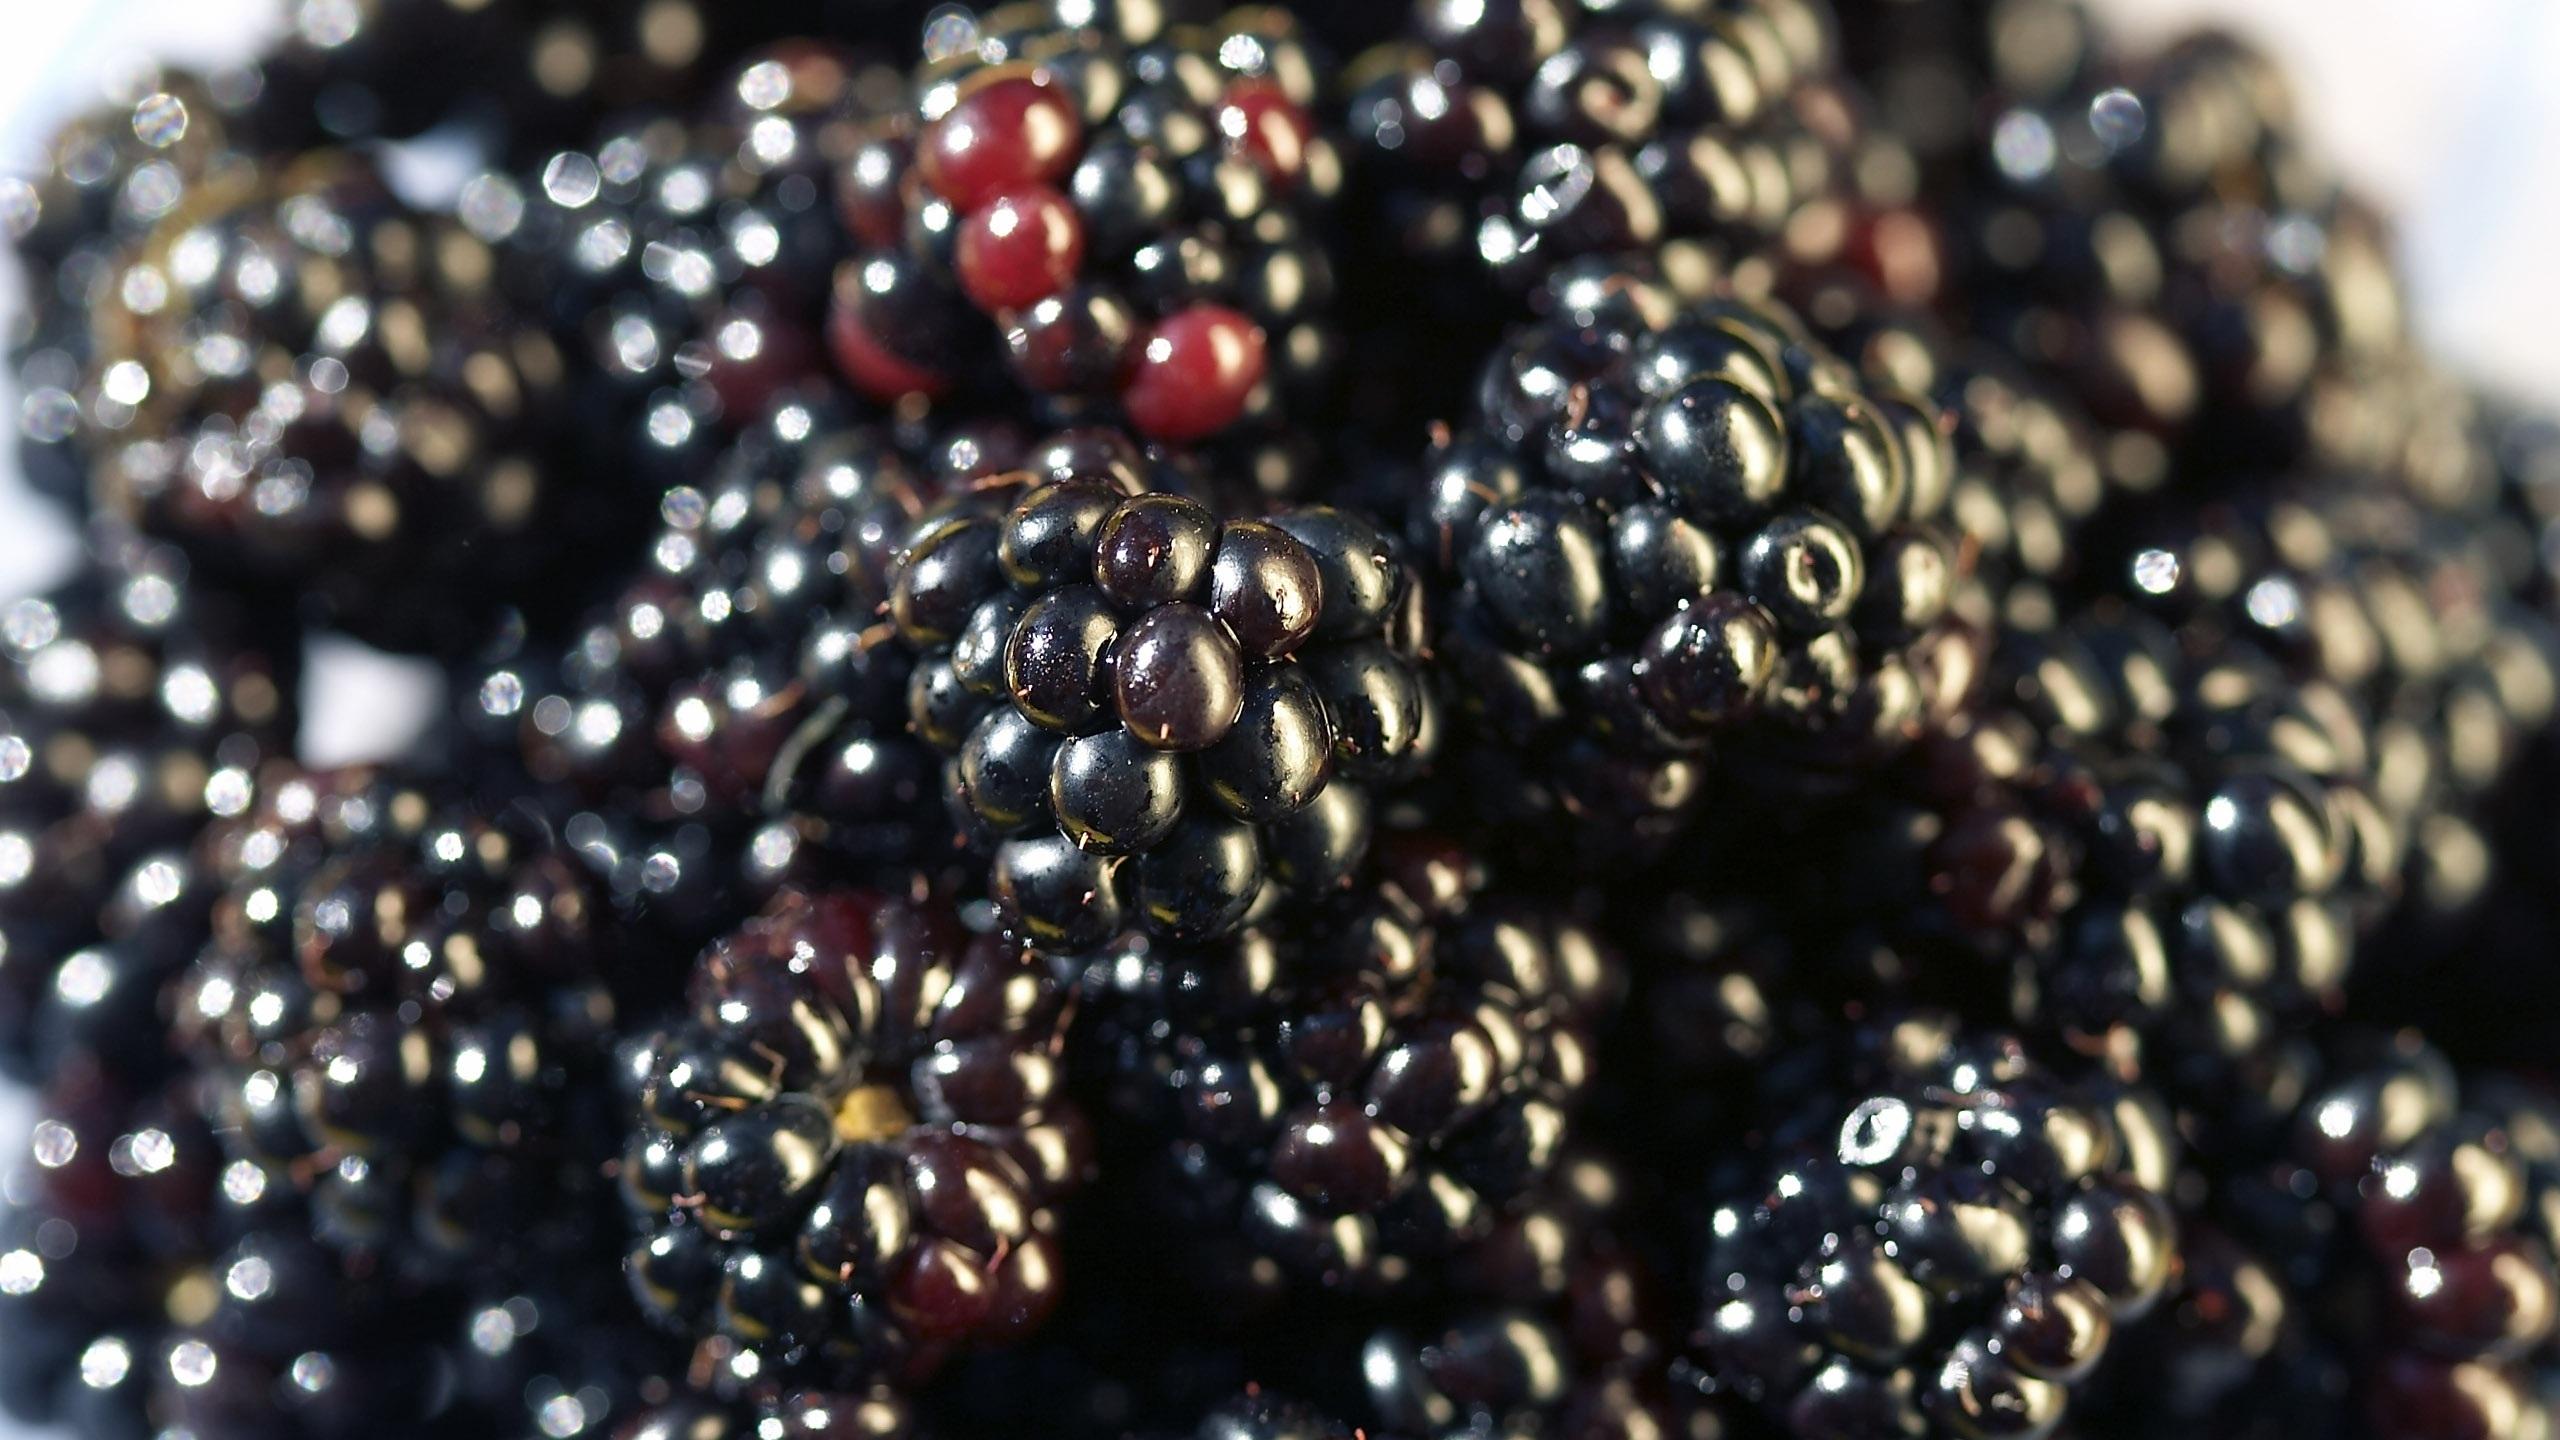 Blackberries Wallpaper